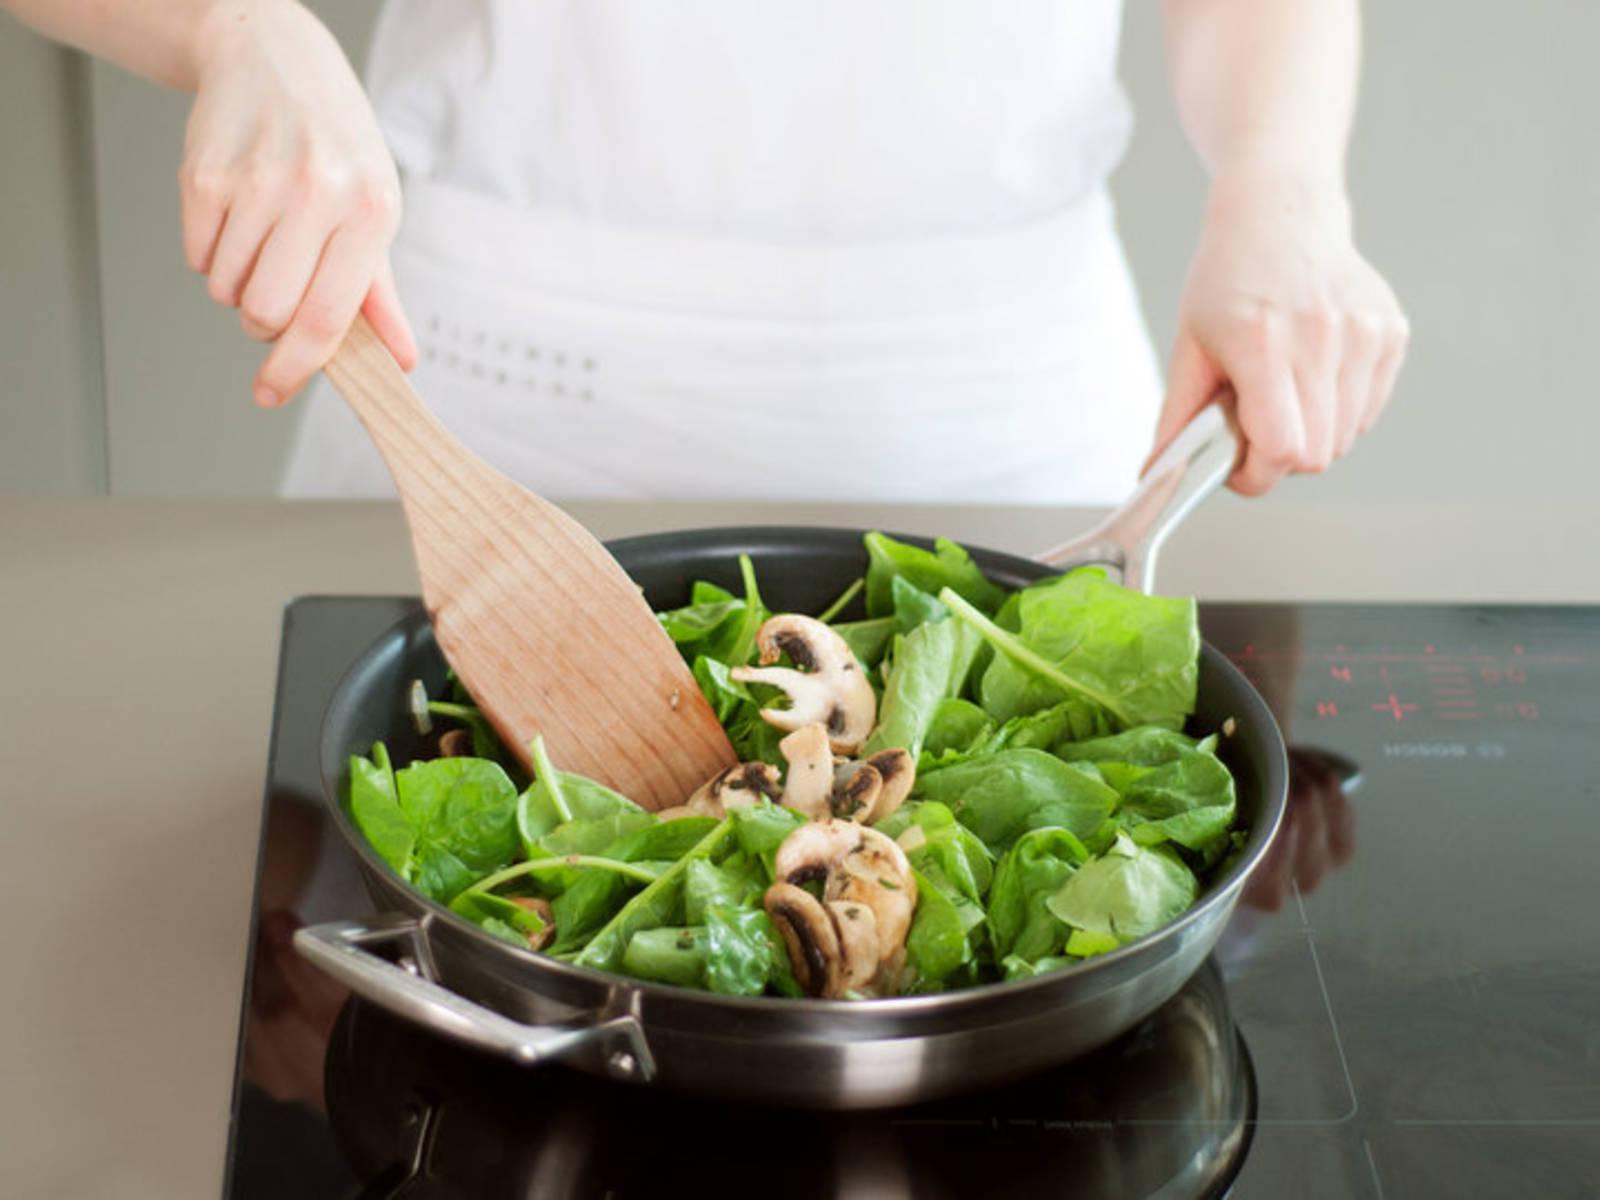 往煎锅中倒入橄榄油,中火炒香洋葱和蒜头,直至葱蒜皆变软。加入蘑菇和百里香,继续翻炒几分钟,至蘑菇开始变棕色。如有需要,可多倒些油。加入菠菜,炒至菠菜萎软,需不时翻搅。加盐与胡椒调味。关火,置于一旁备用。